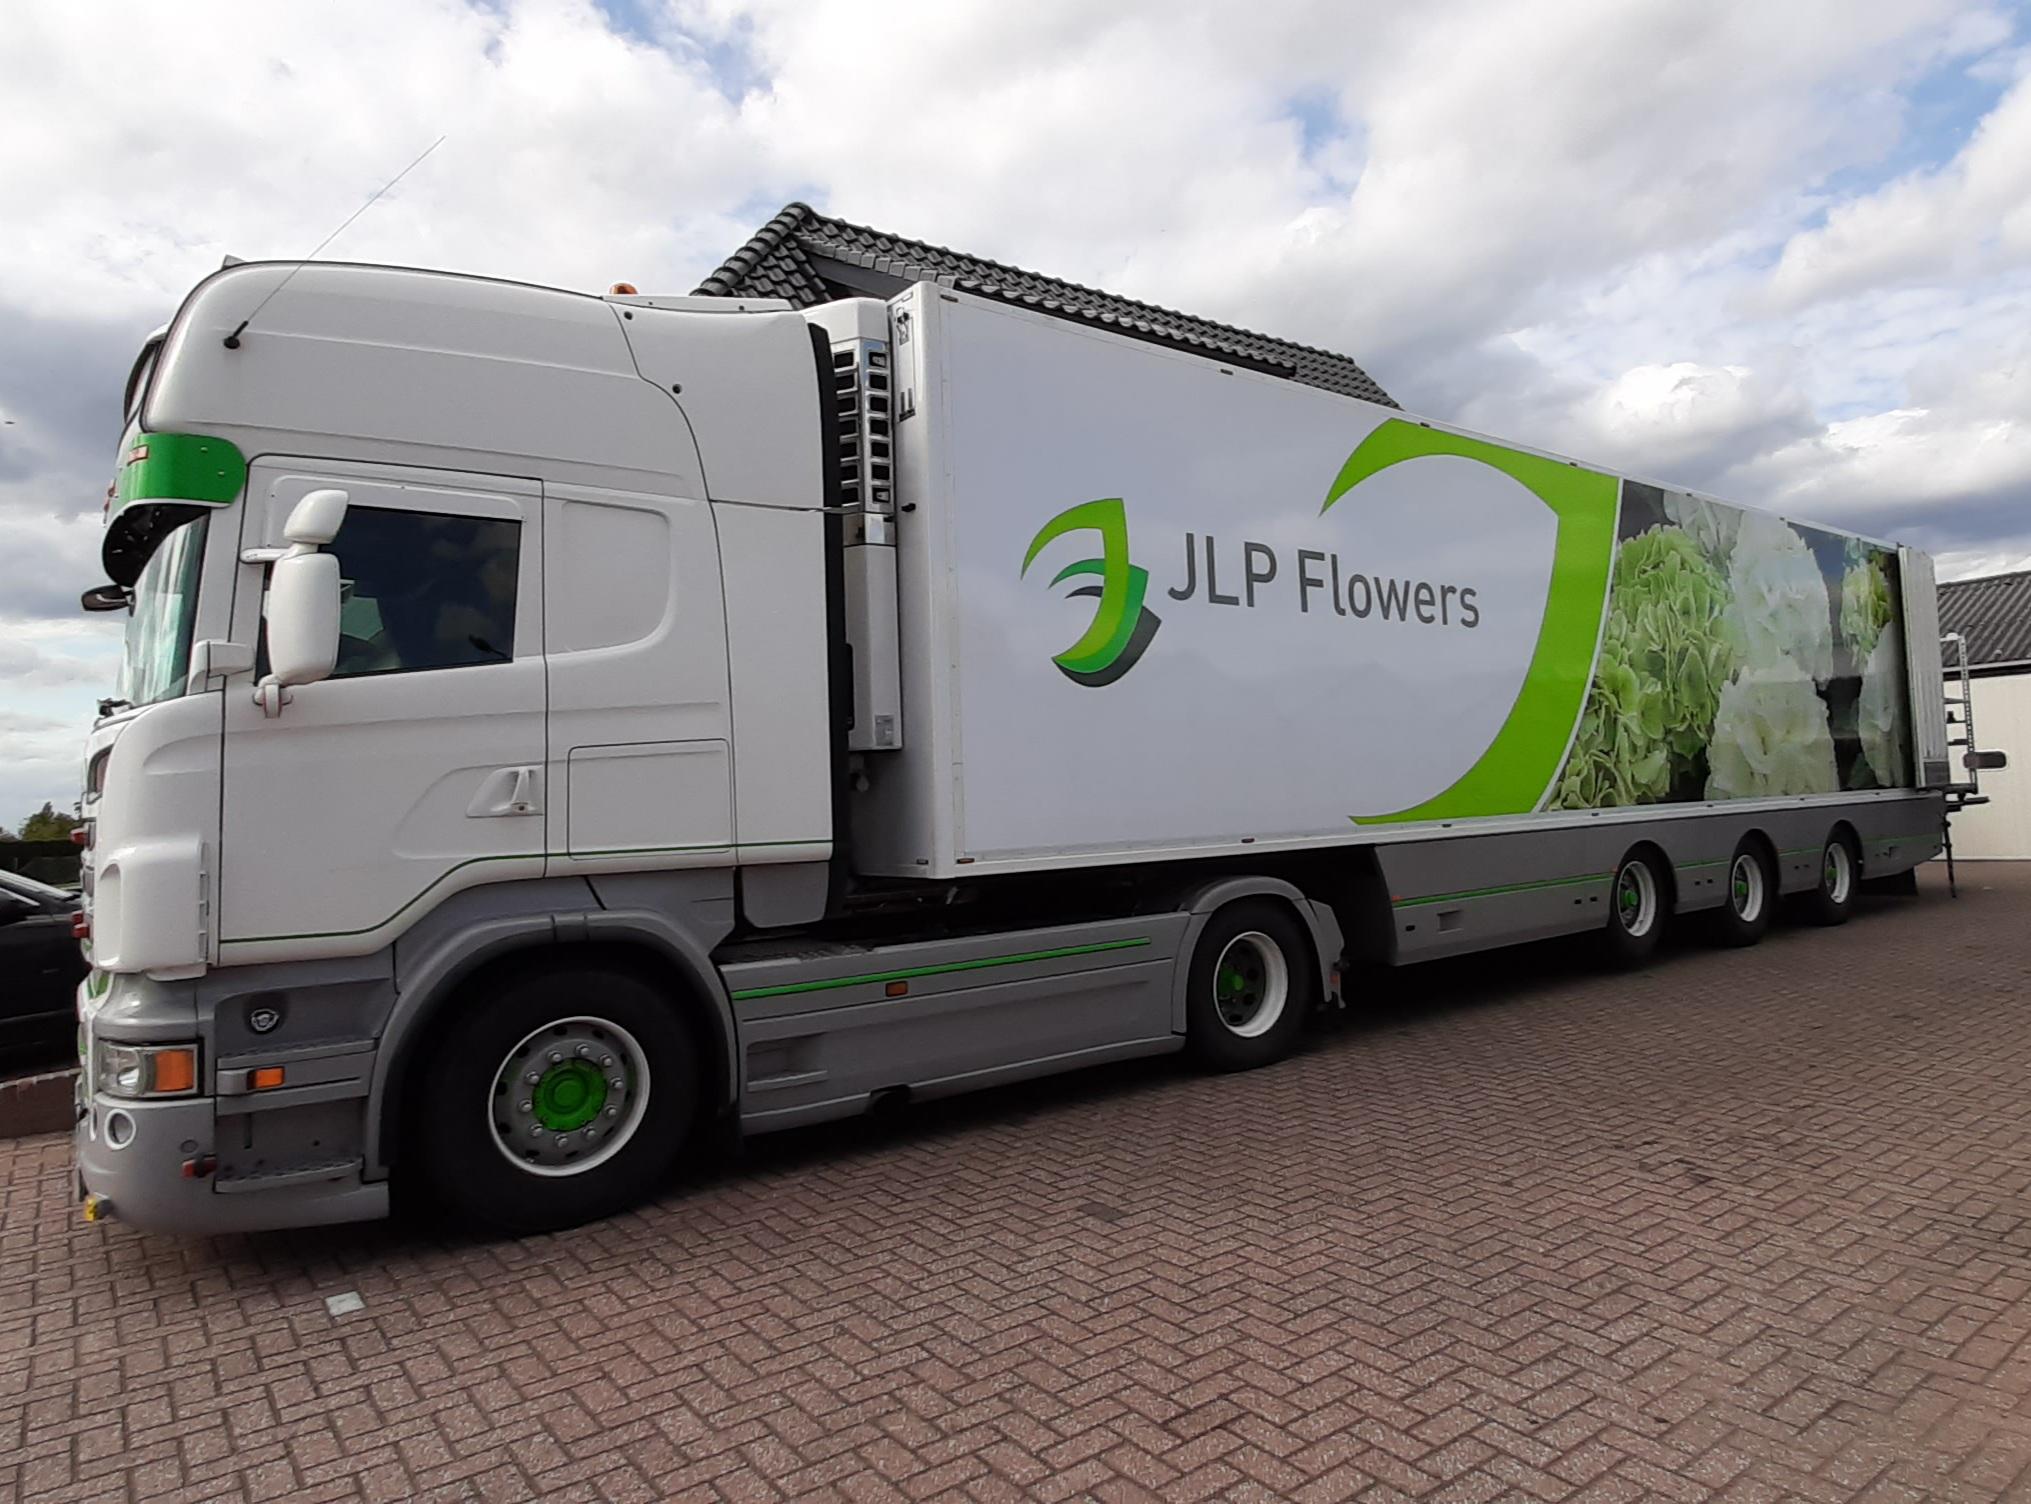 JLP Flowers/Kwekerij Borgers truck